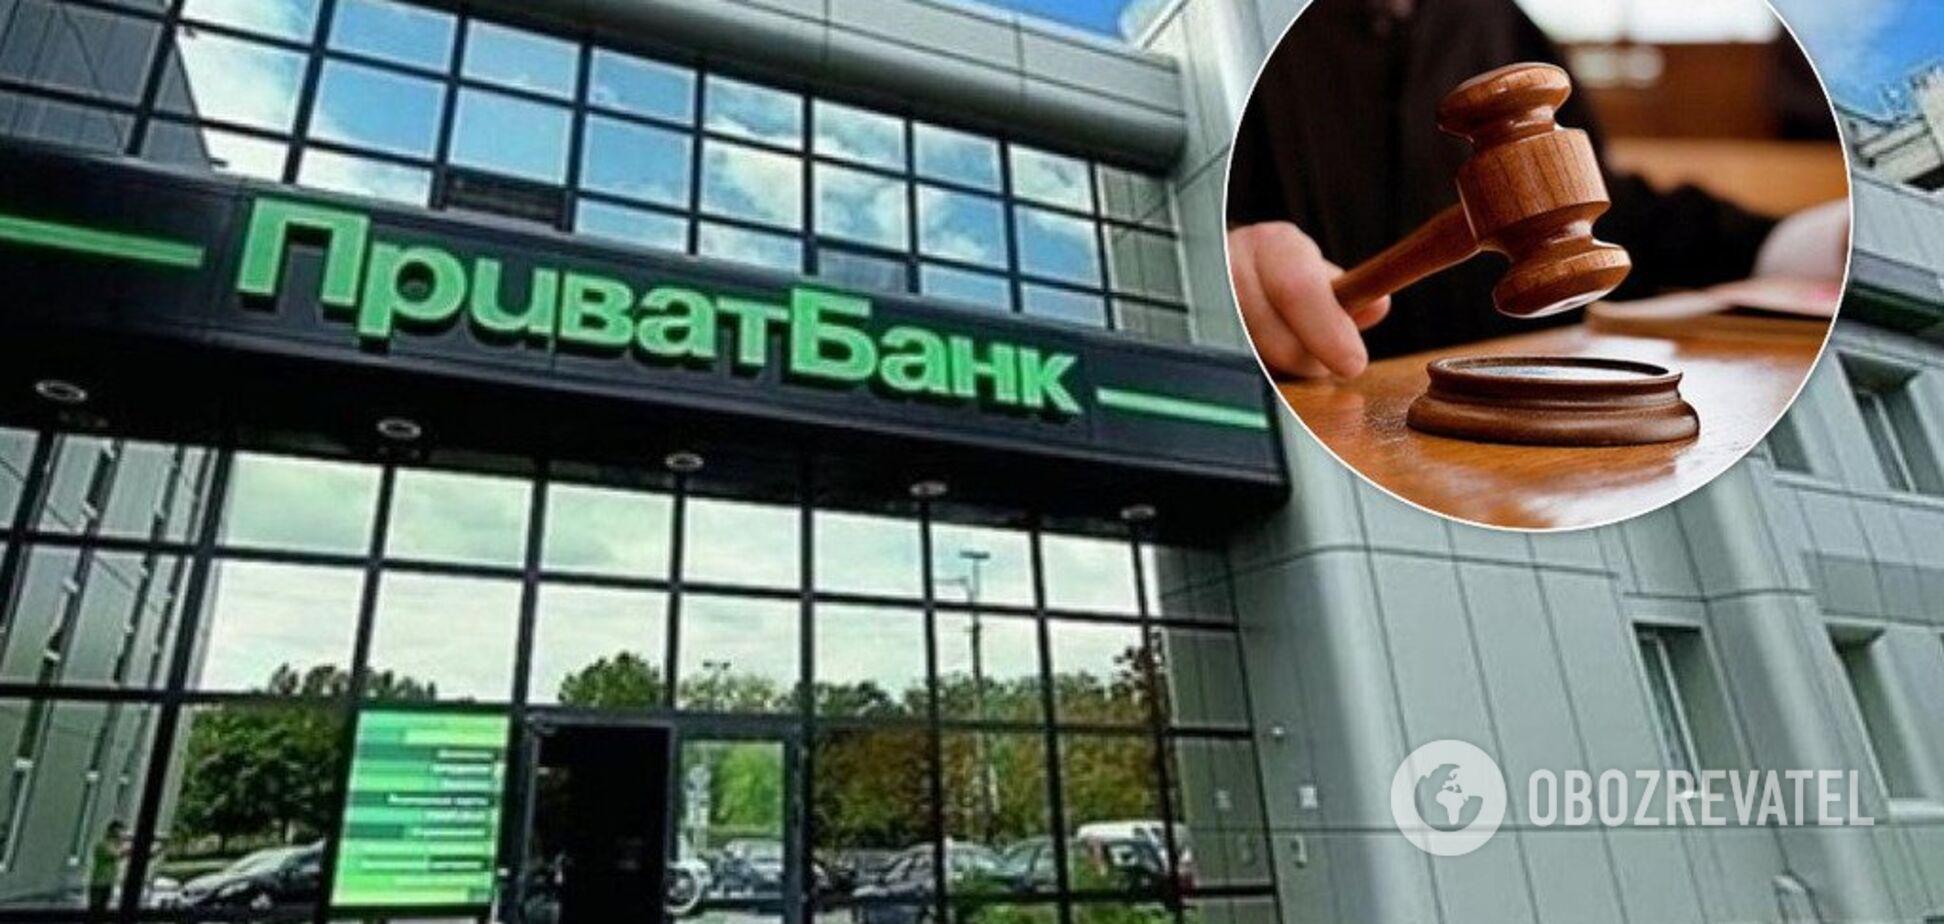 Историческое решение по ПриватБанку: суд неожиданно отменил заседание